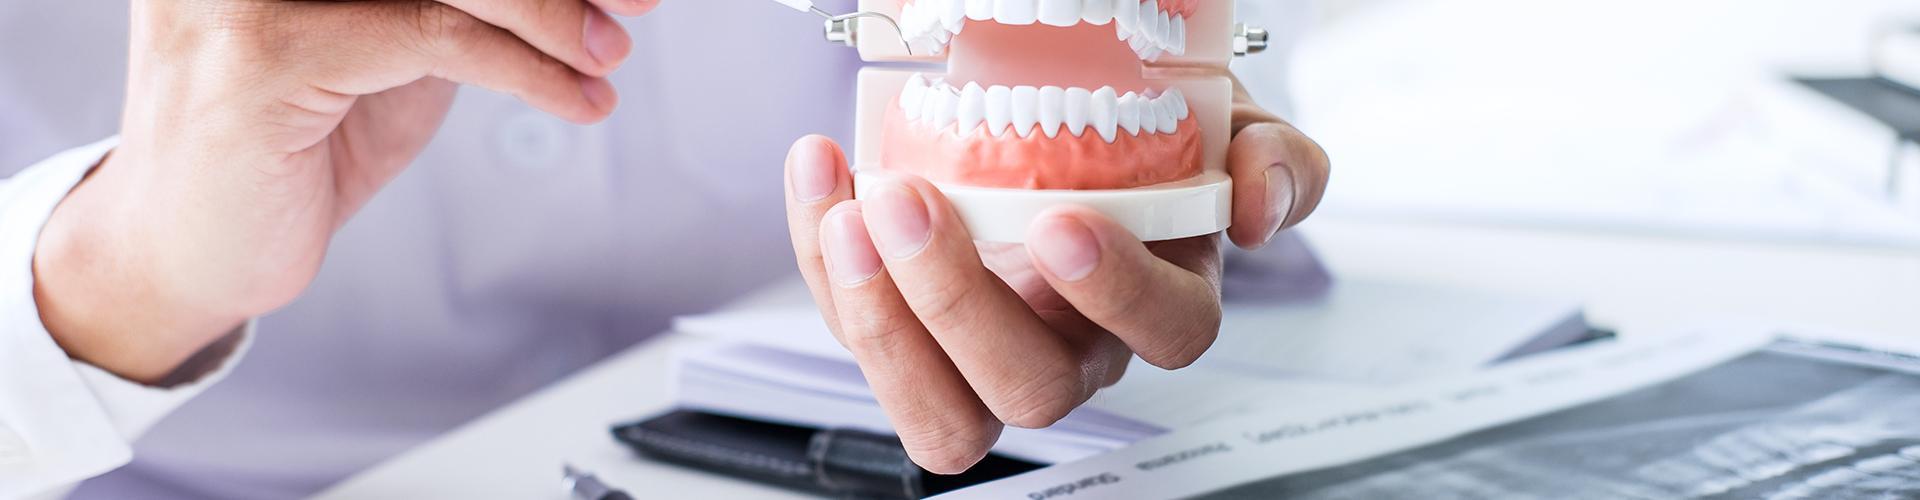 Dr. Nasr Abdulqawi